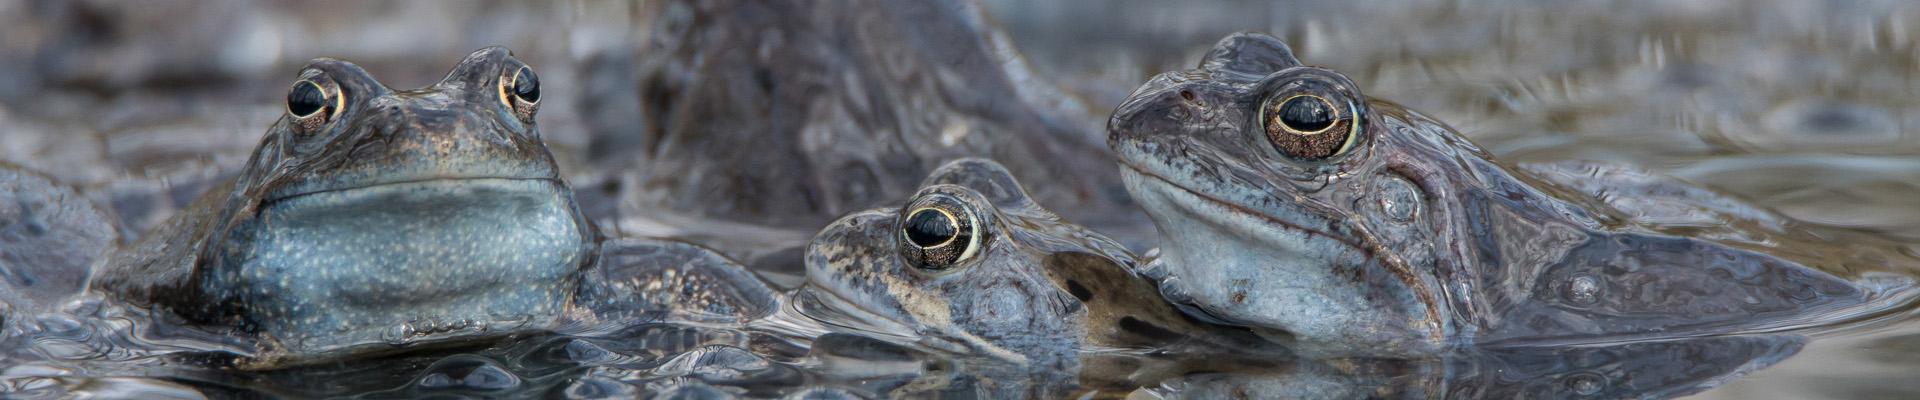 Żabie gody, czas miłości